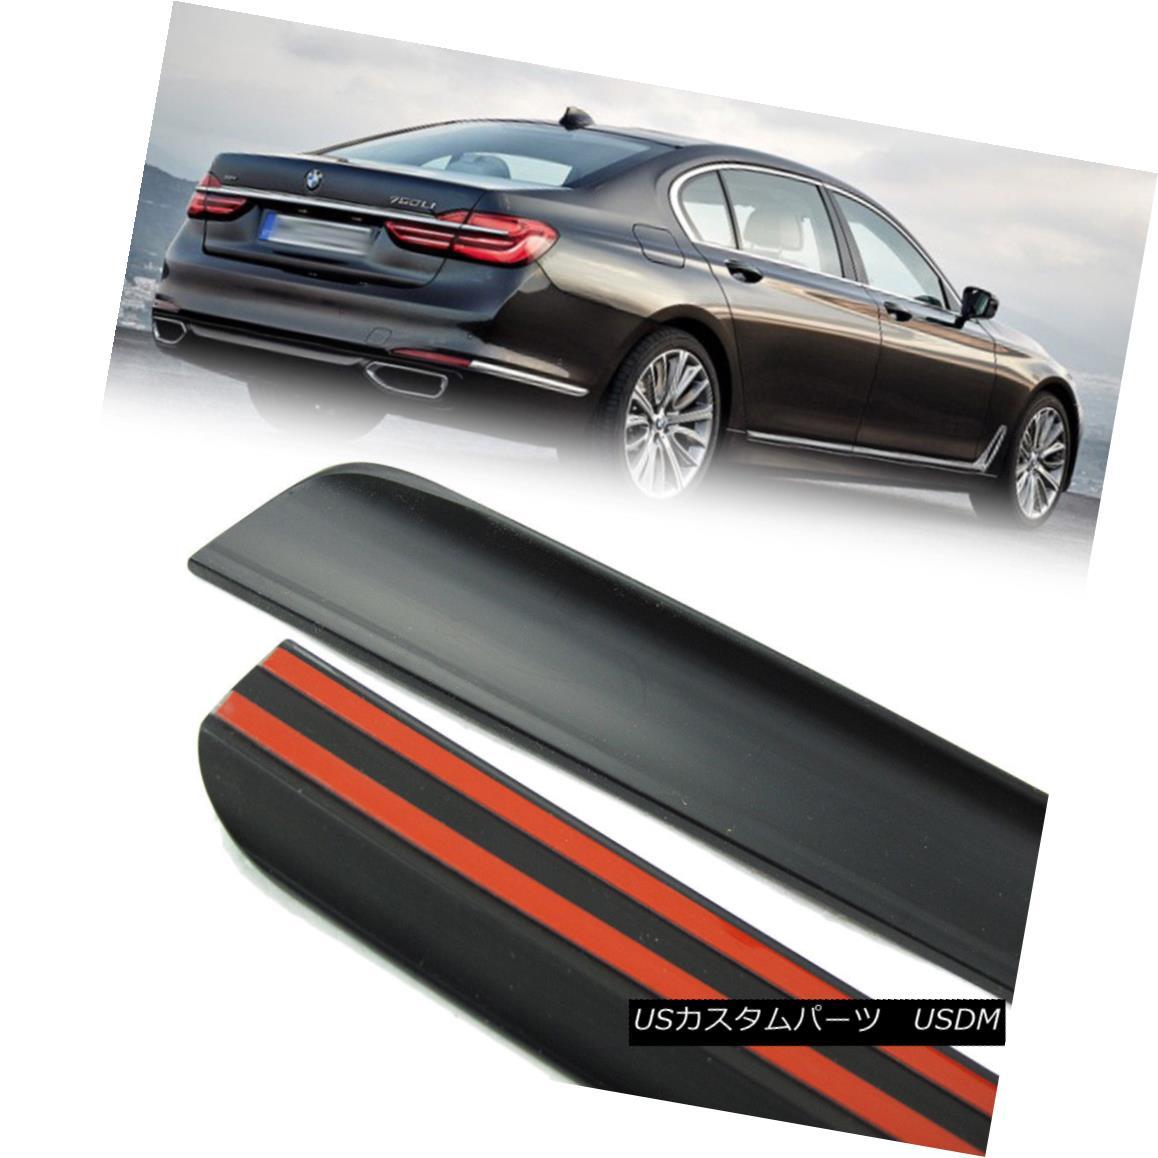 エアロパーツ 2018 For BMW 7-Ser G11 G12 4DR Sedan Rear Trunk Lip Spoiler Wing Painted PUF 2018 BMW 7-Ser G11 G12 4DRセダンリアトランクリップスポイラーウイング用PUF